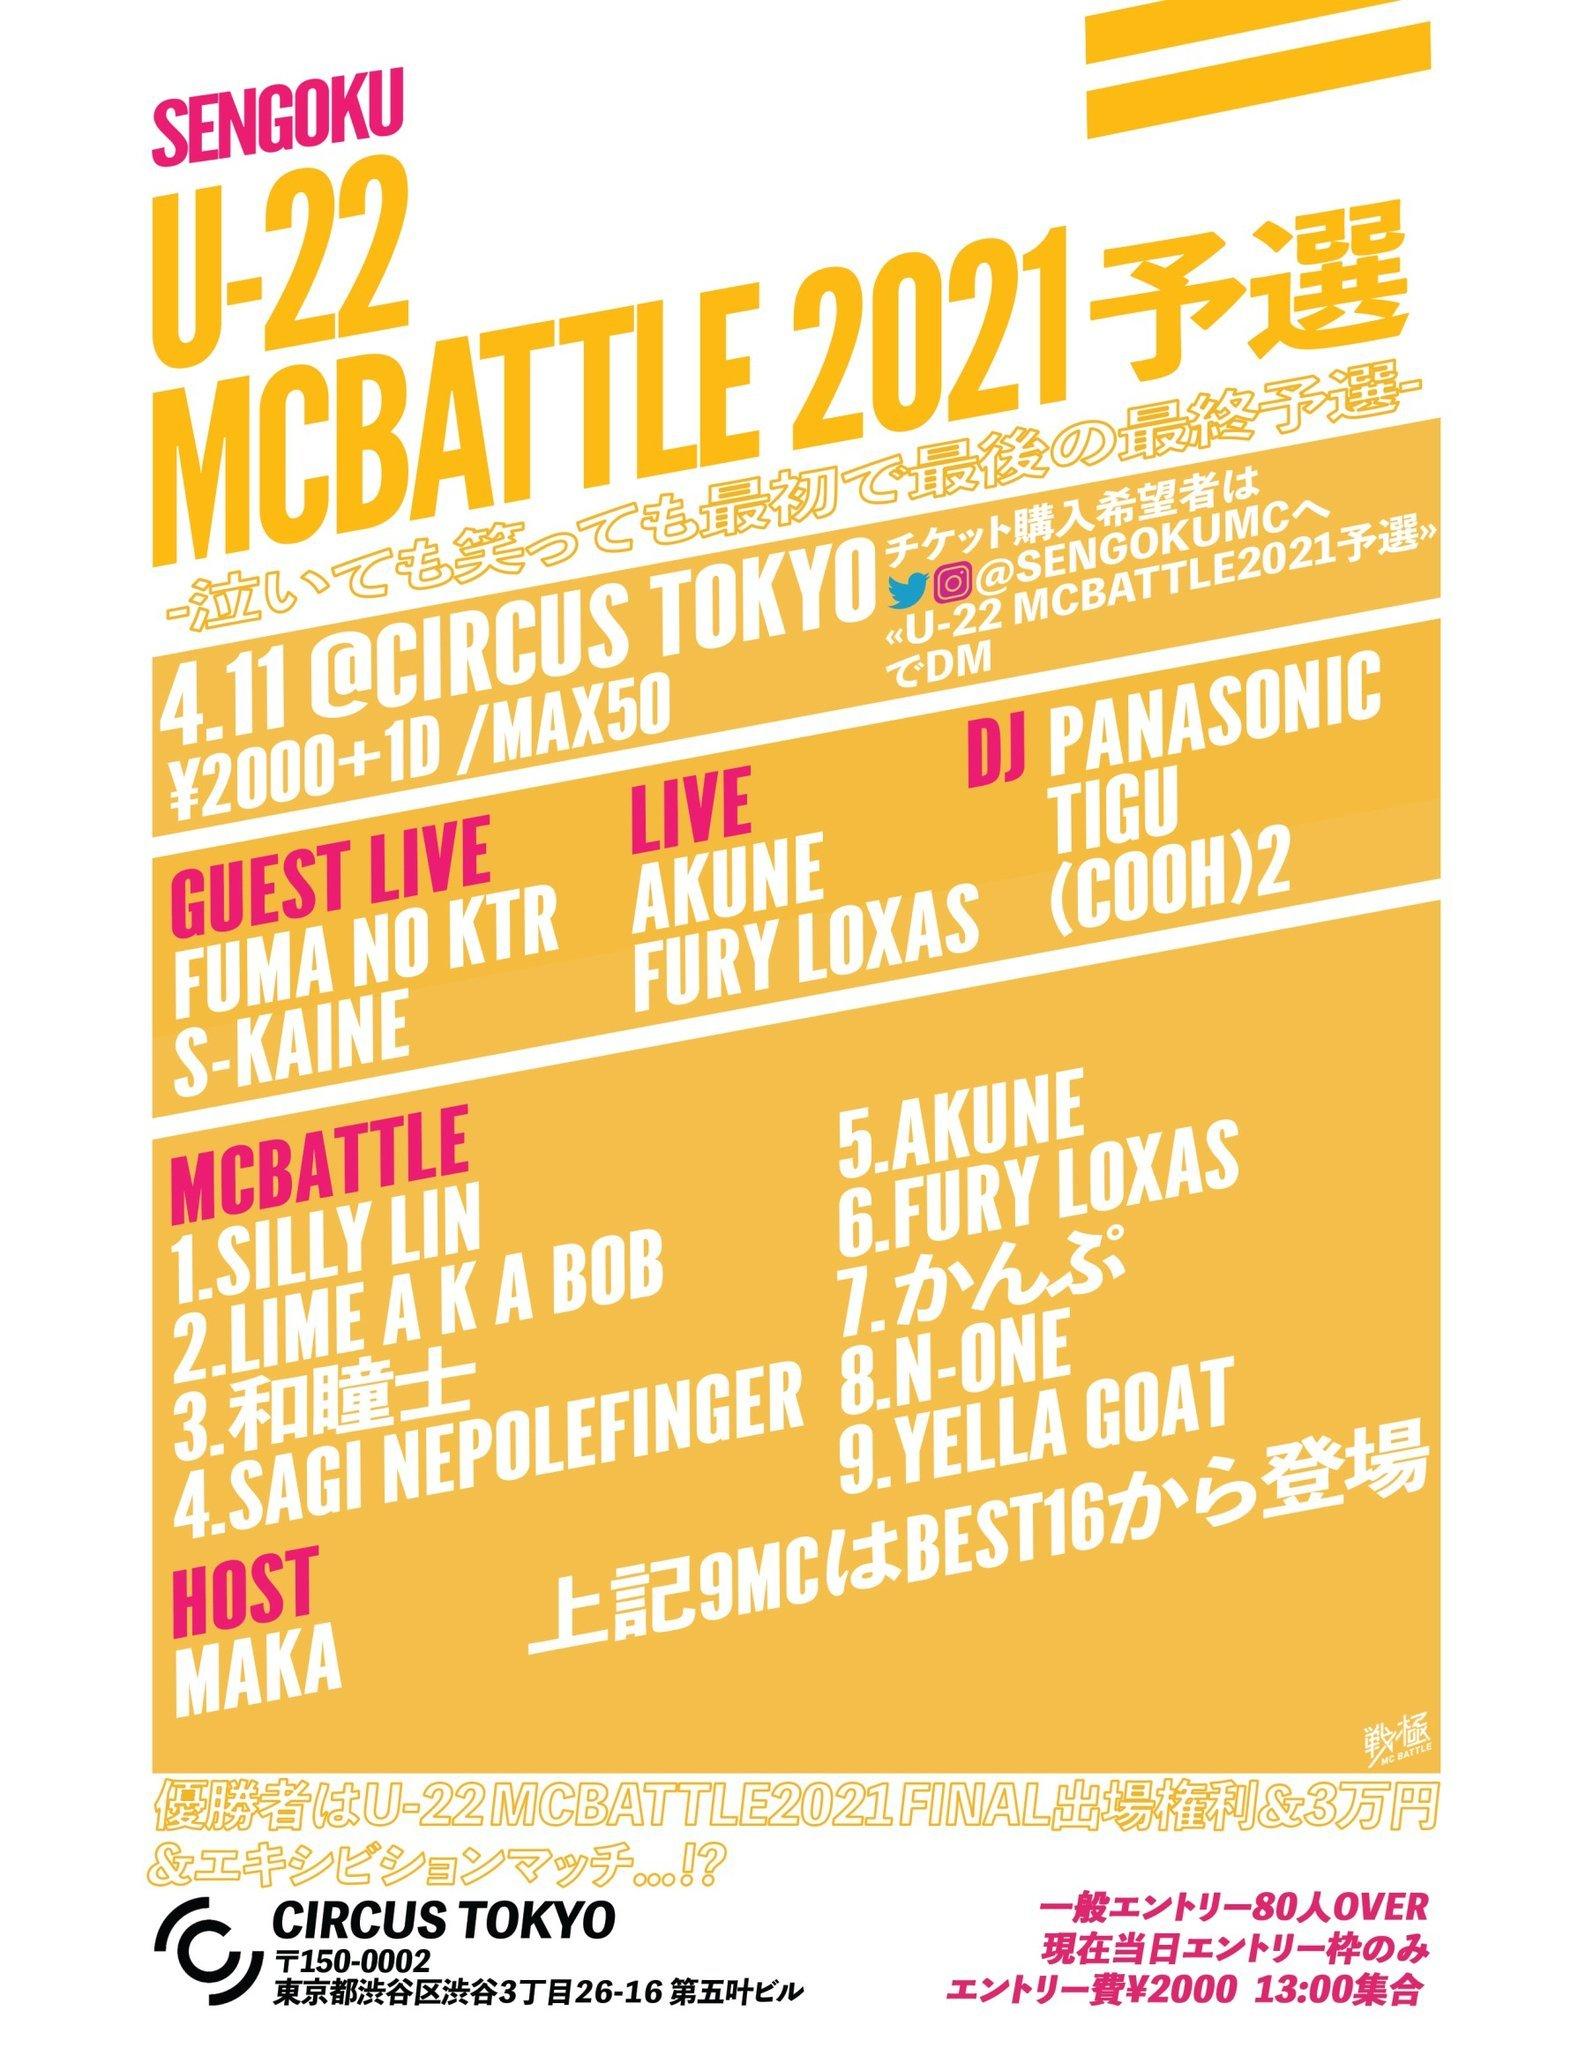 4/11 U-22 MCBATTLE2021 最終予選 当日券あります_e0246863_15013047.jpg